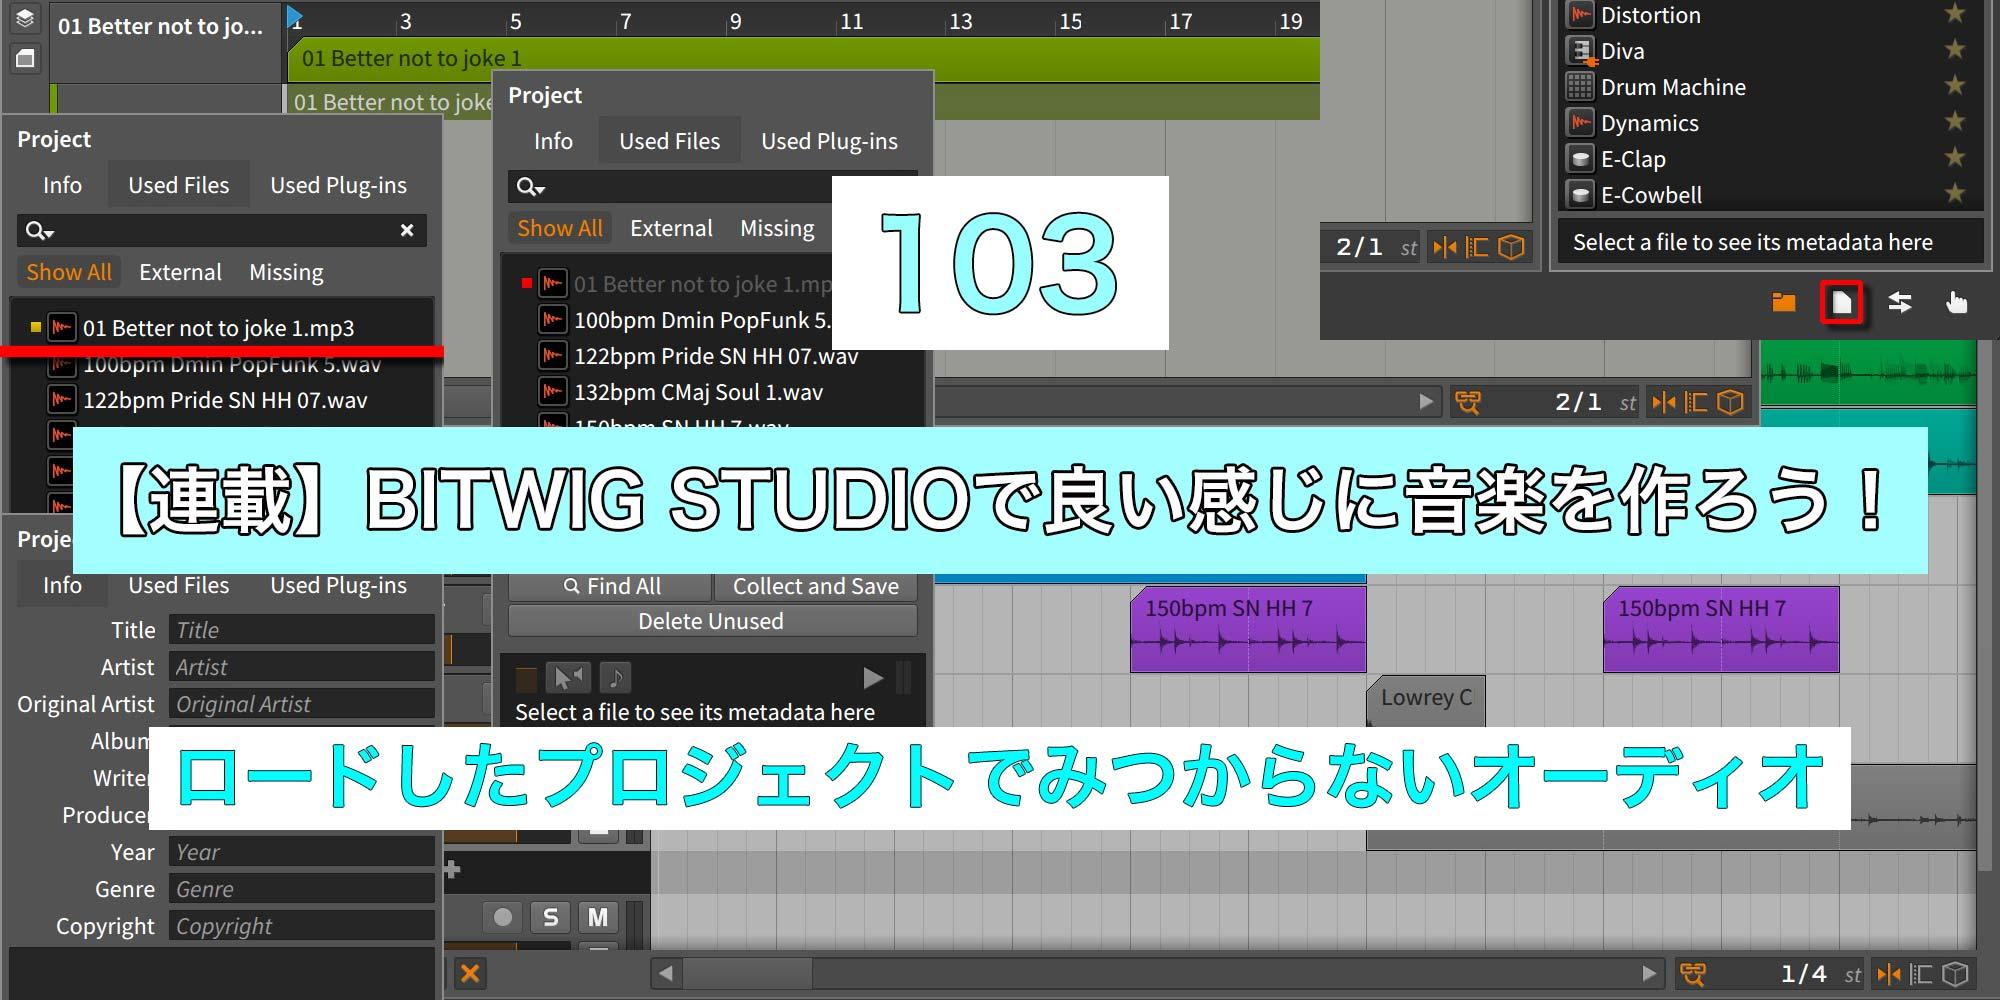 【連載】BITWIG STUDIOで良い感じに音楽を作ろう!【103】